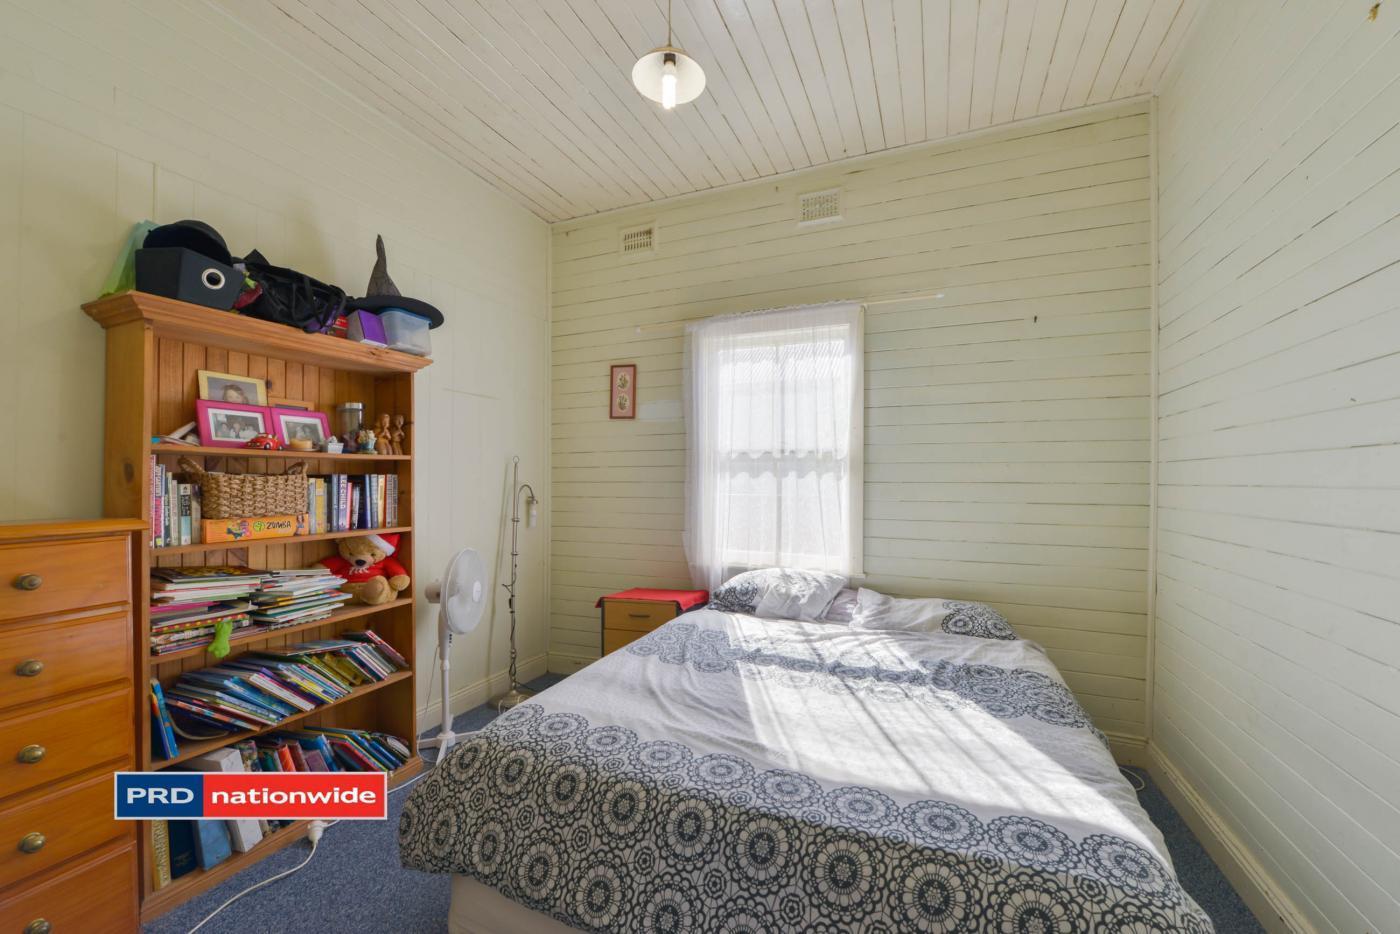 43 Henry 43 Henry Street Werris Creek Nsw 2341 Sale Rental History